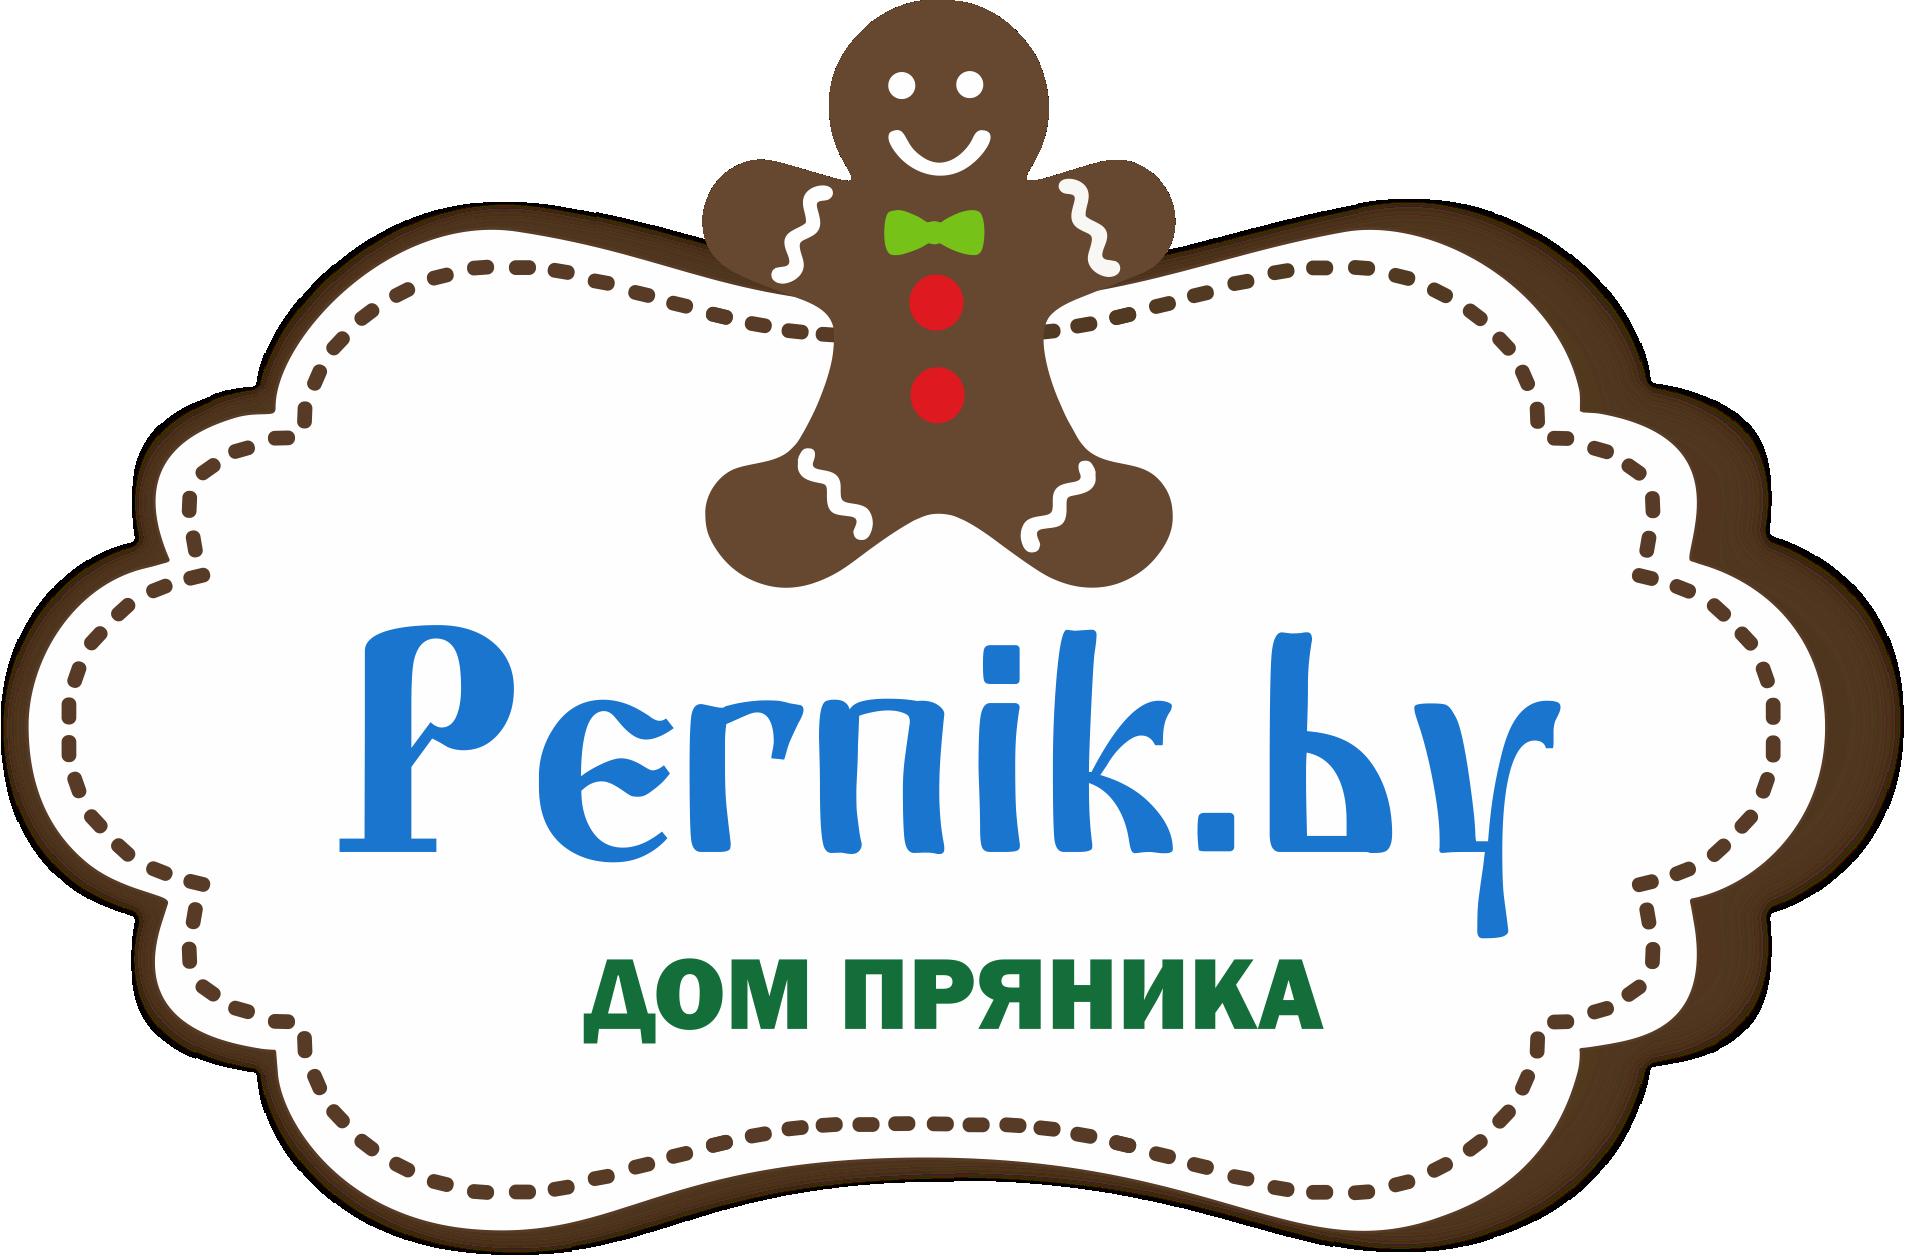 ДОМ ПРЯНИКА PERNIK.by